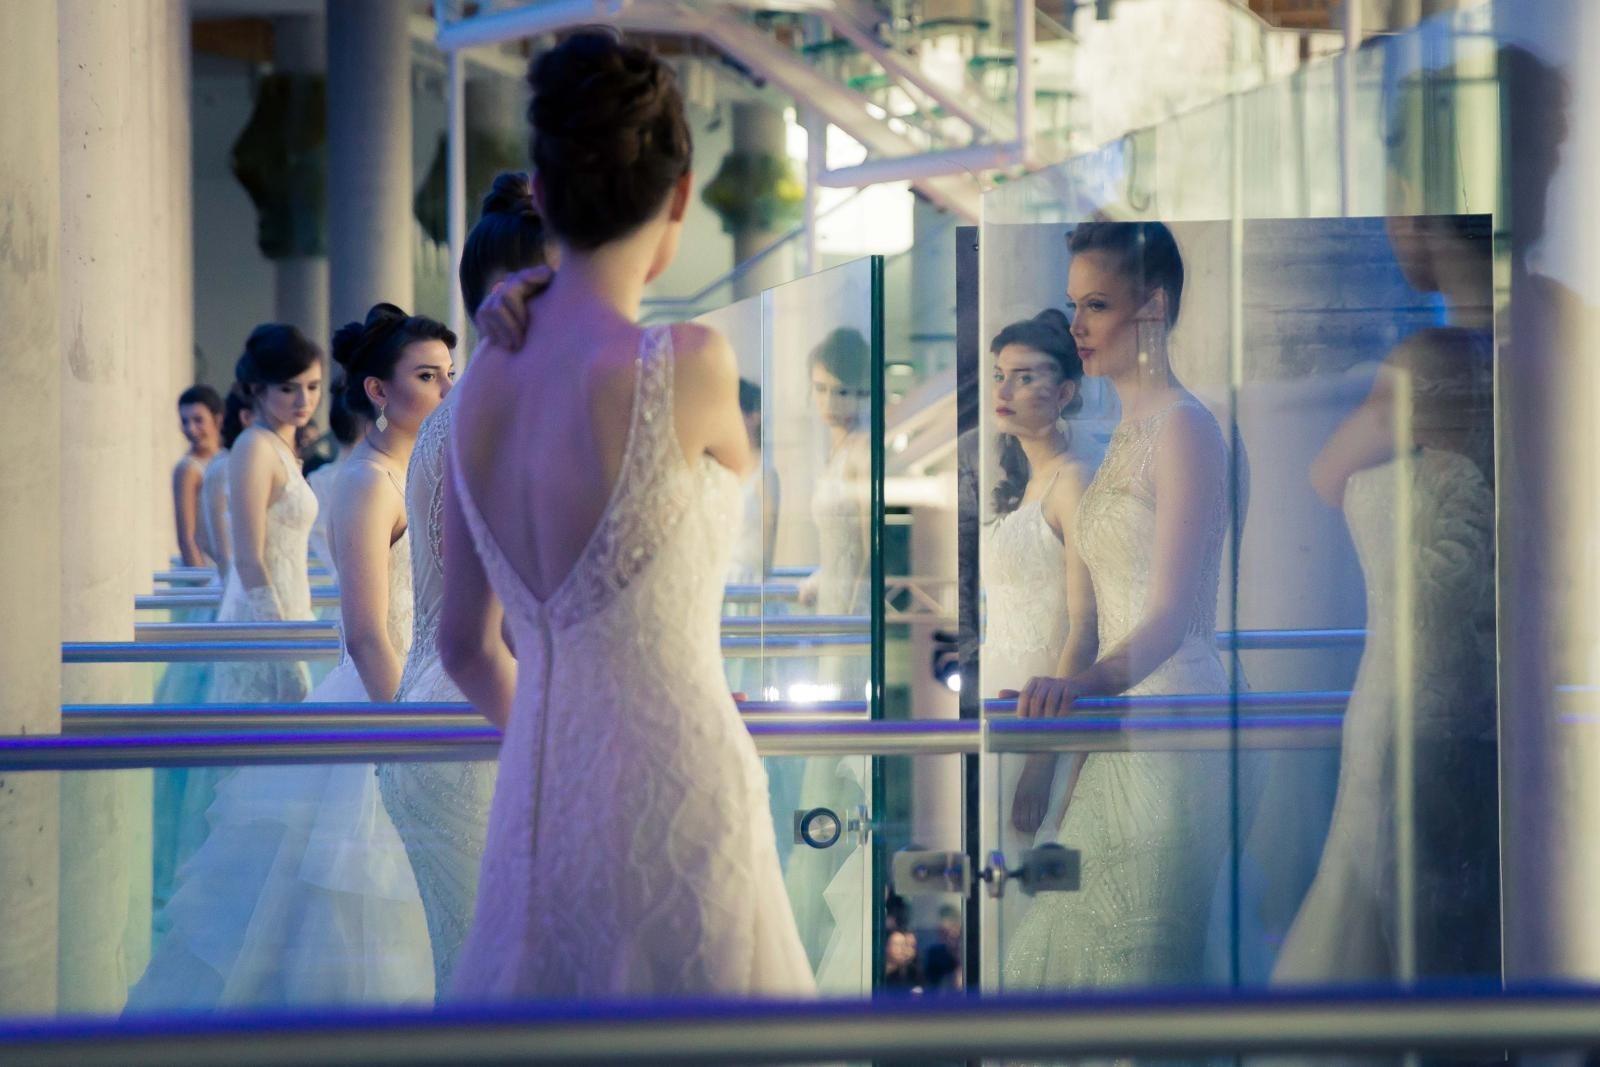 życzenia Na Rocznicę ślubu Najpiękniejsze Wierszyki I życzenia Na